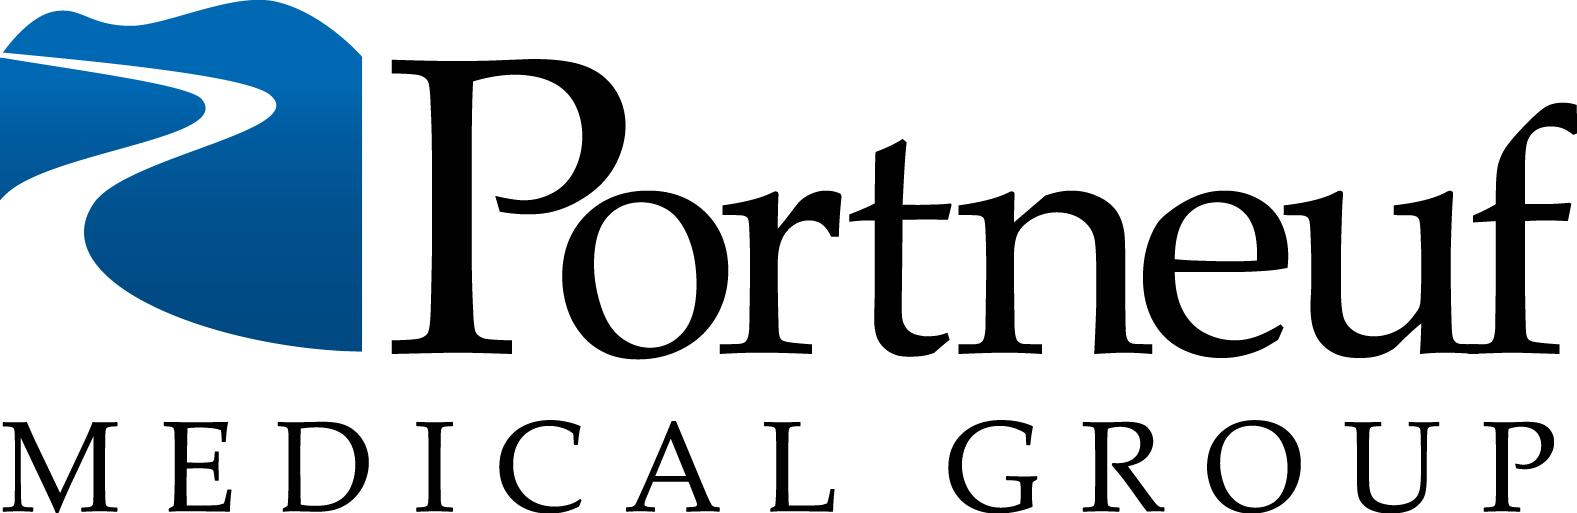 Portneuf Medical Group